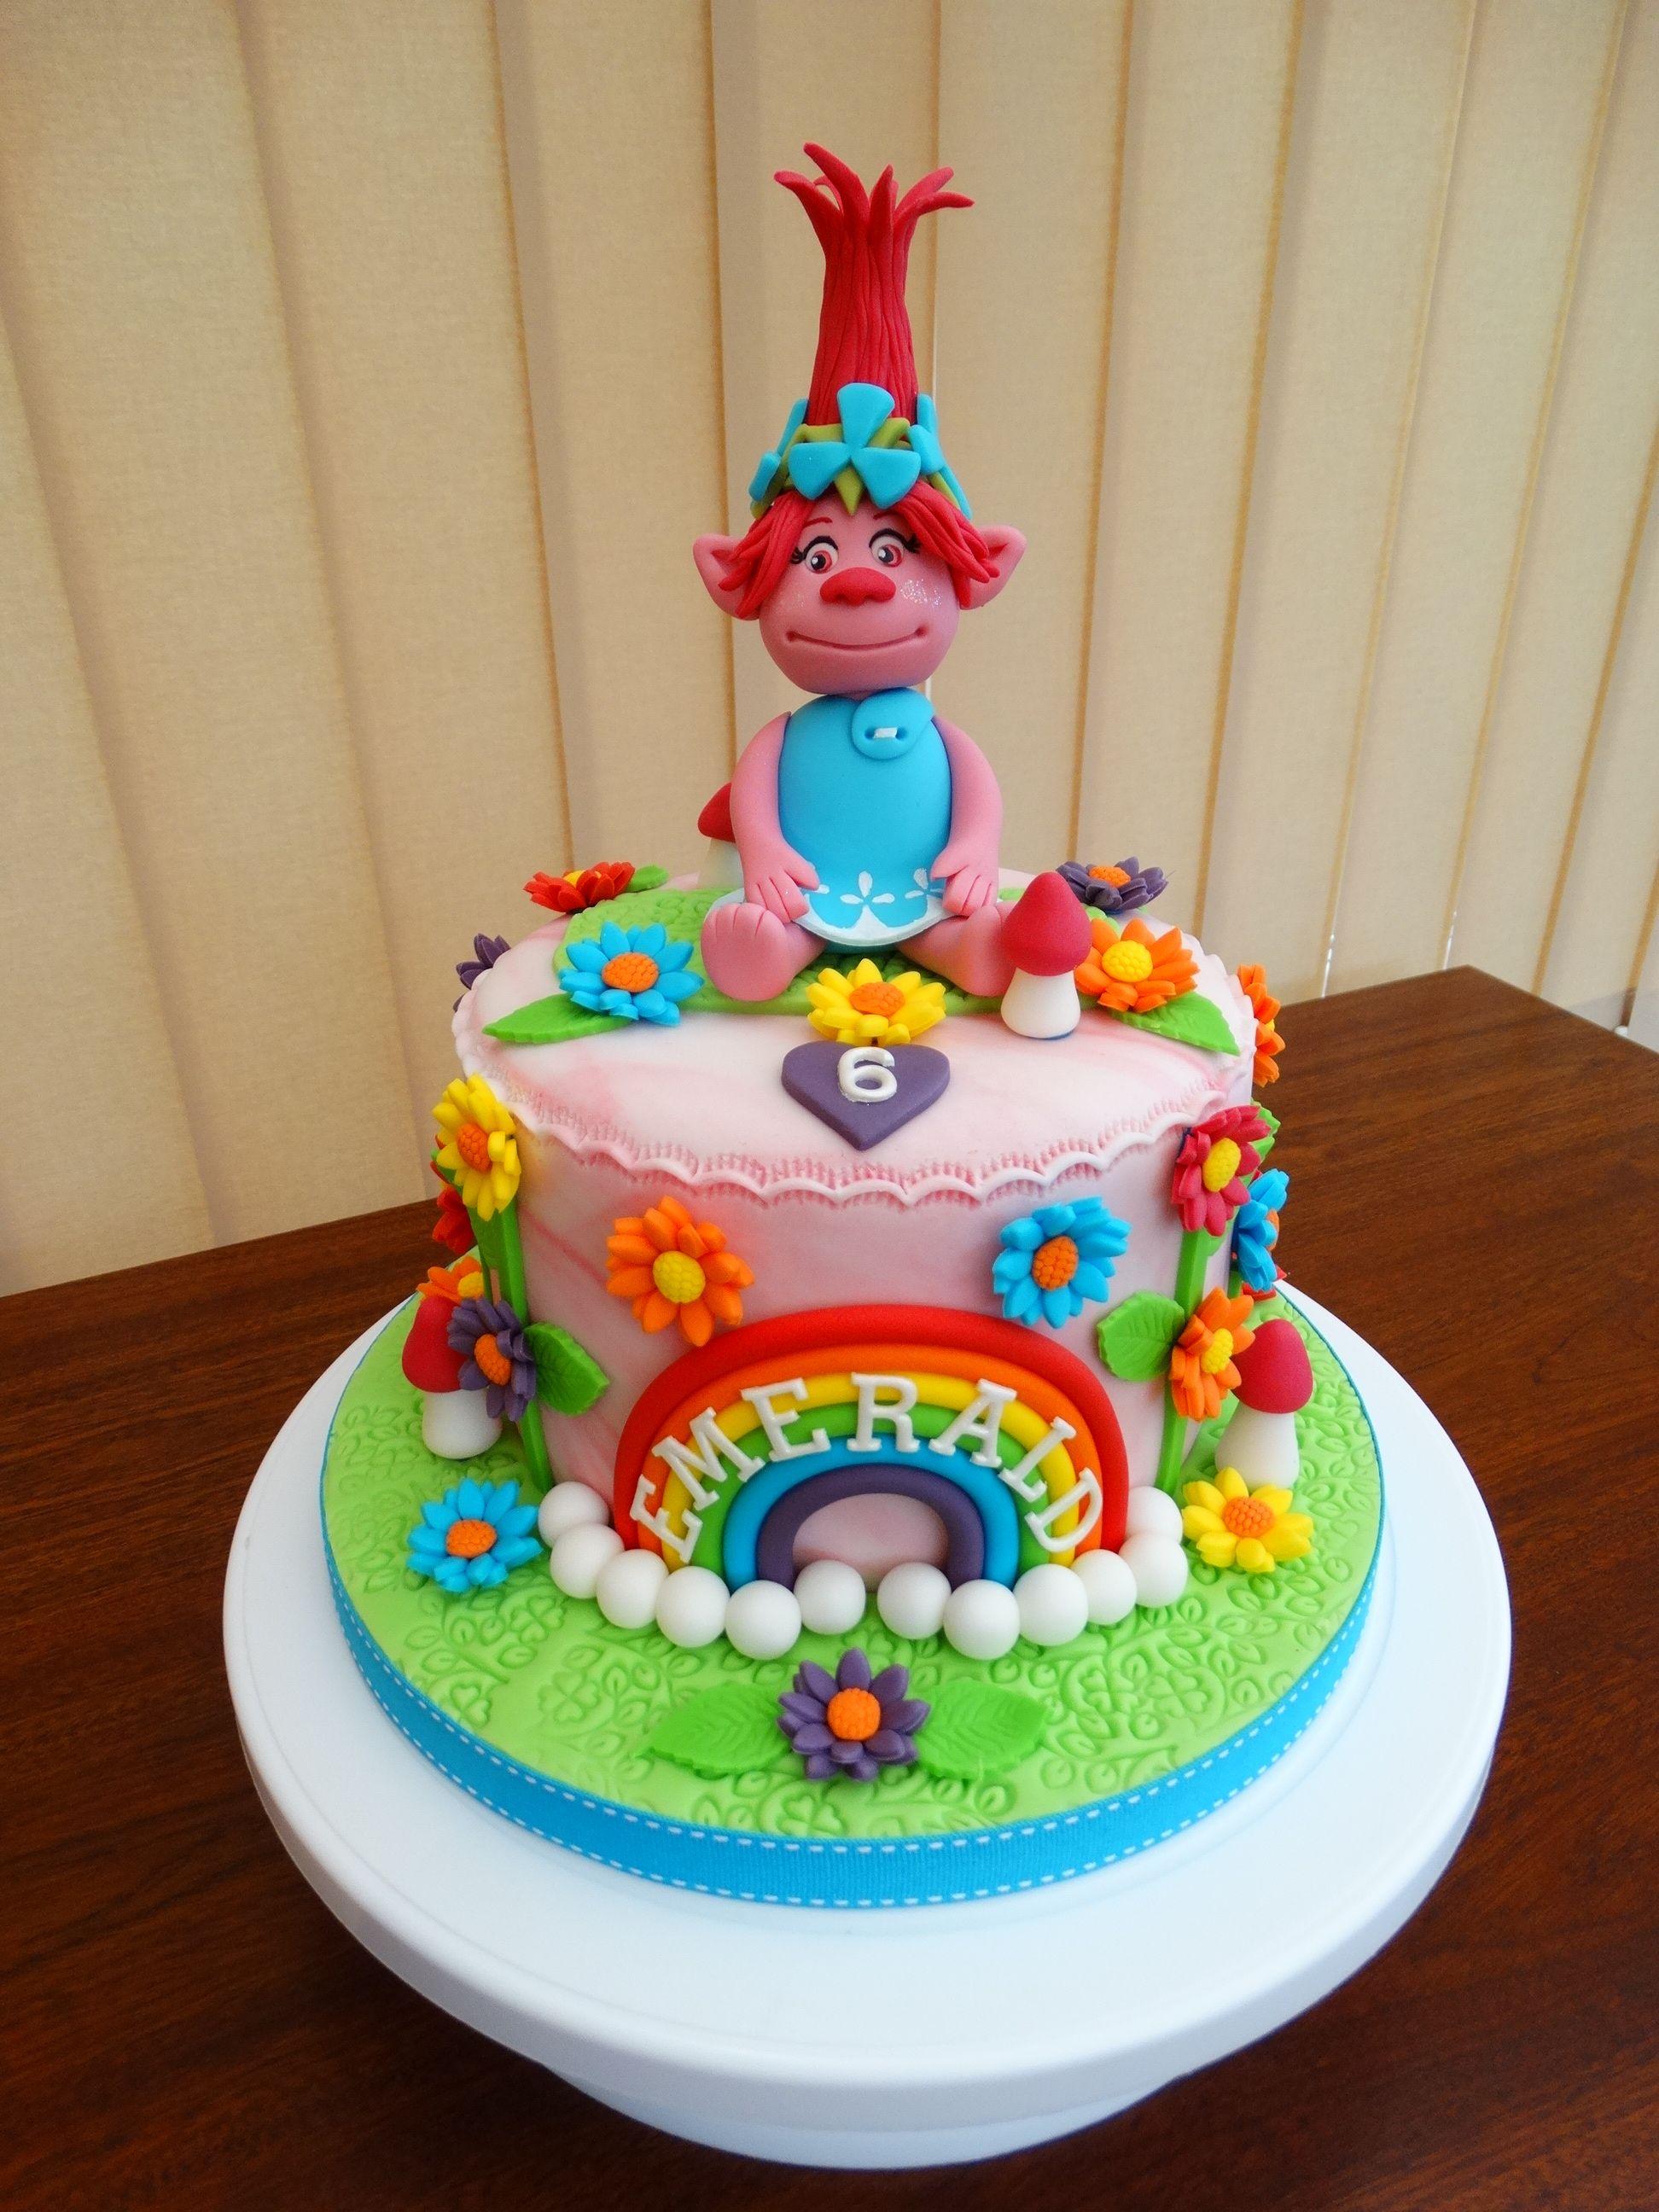 Poppy from trolls cake xmcx birthday cake pinterest